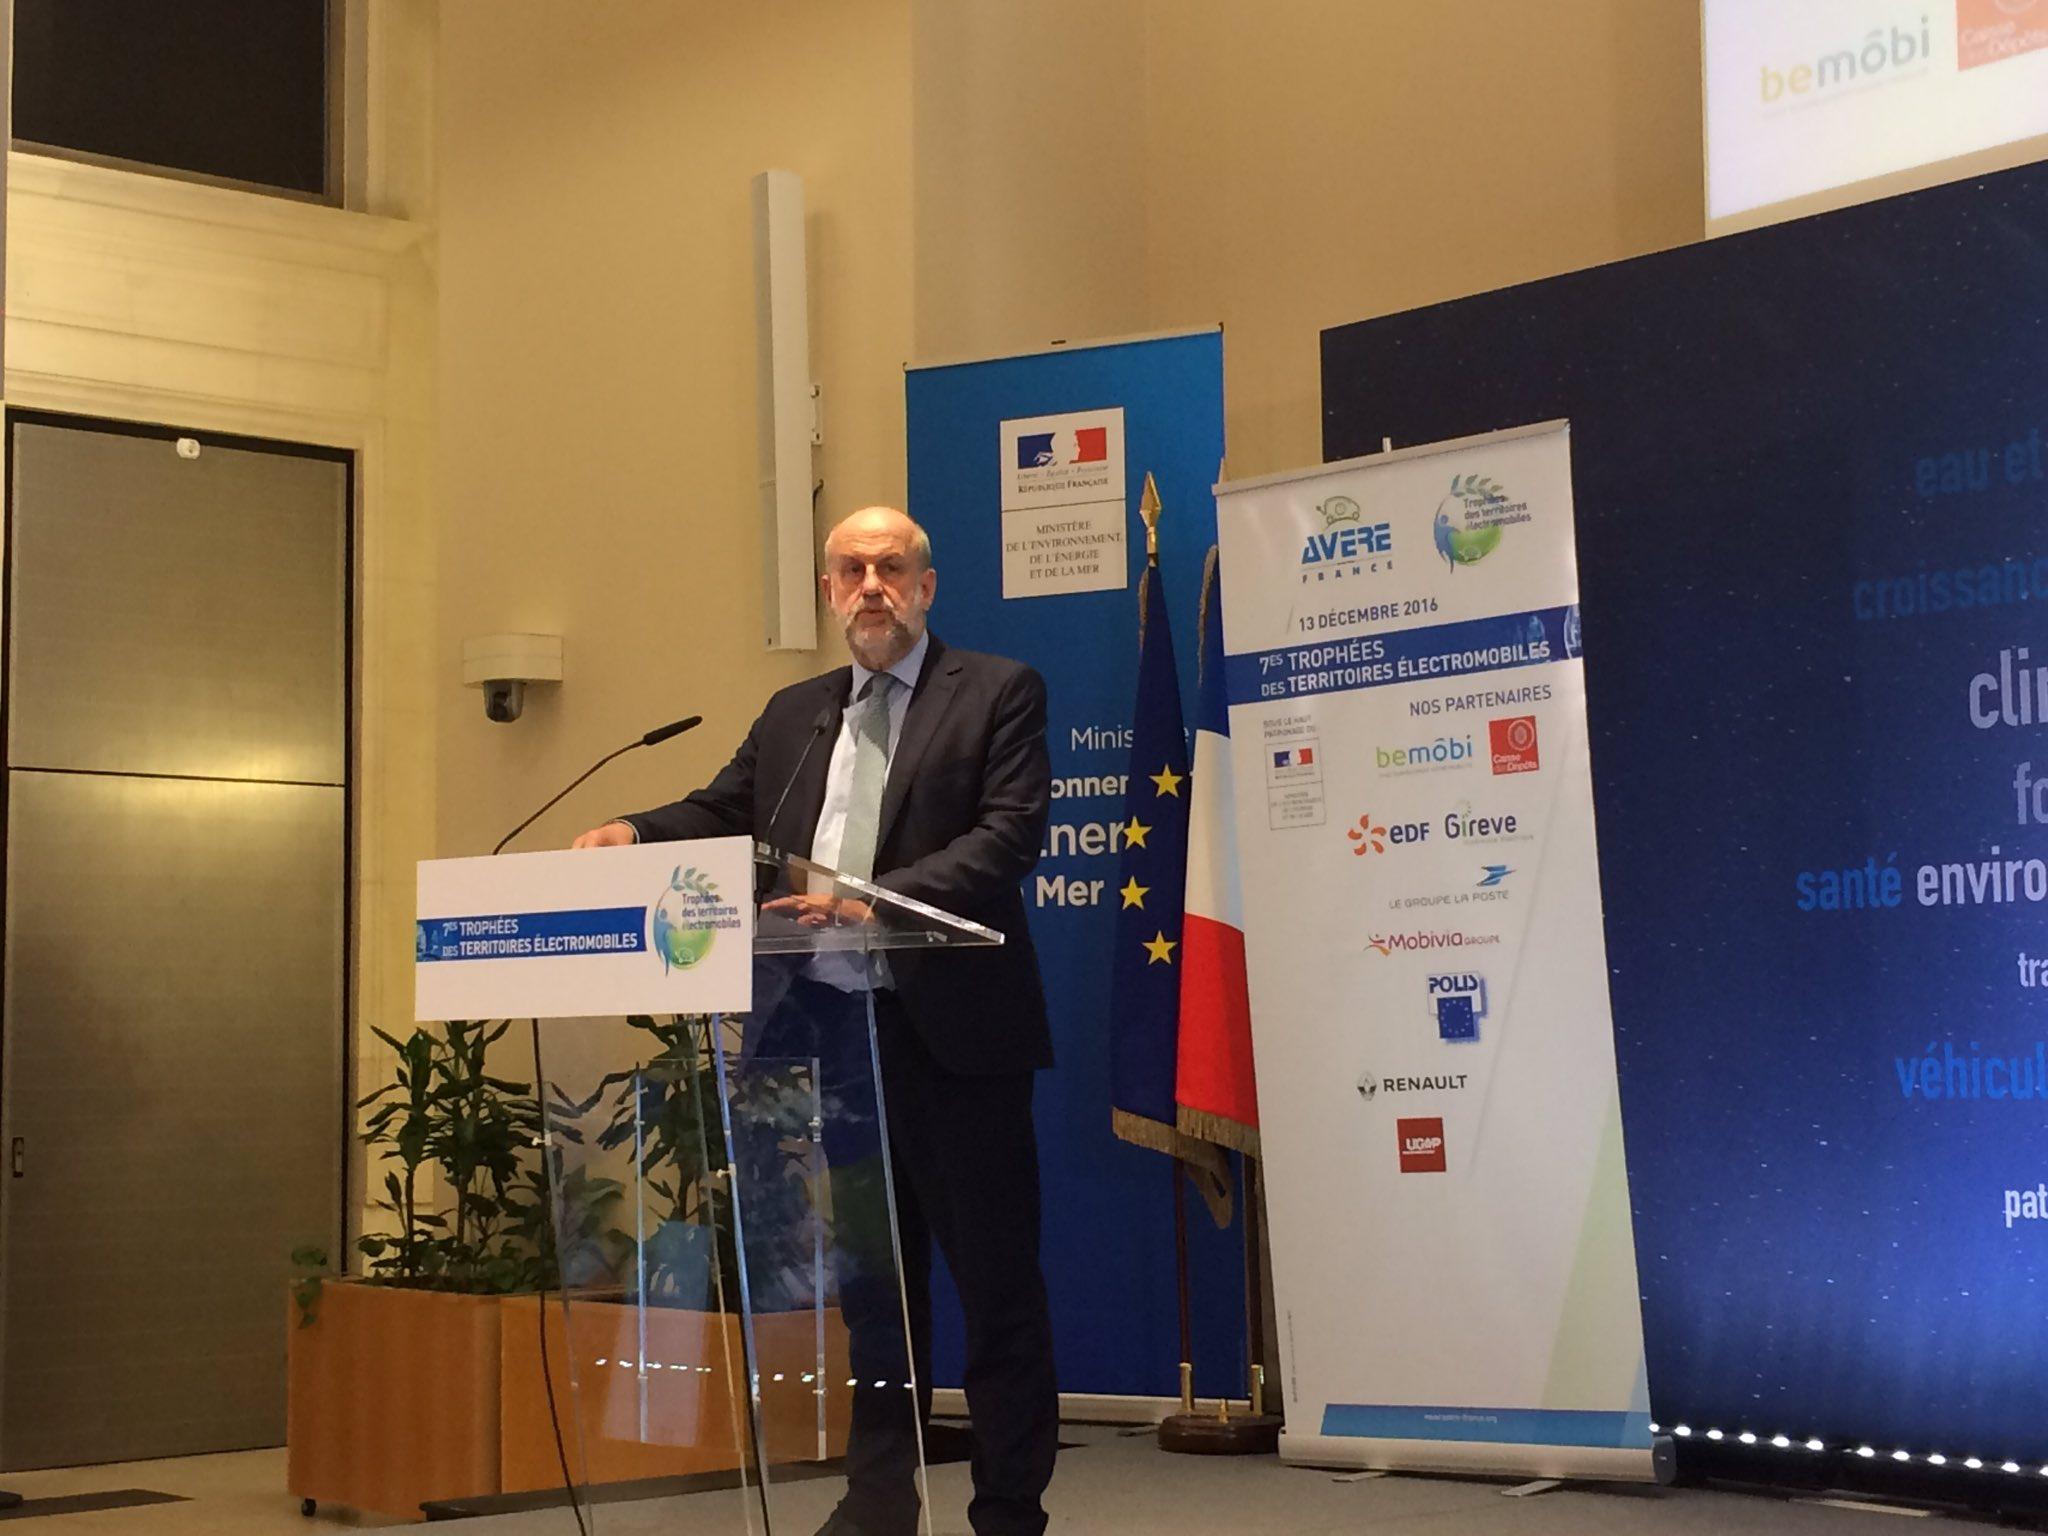 """Le président de l'@ademe Bruno Léchevin ouvre la soirée : """"la #mobilité #électrique est une des solutions contre la #pollution"""" #TrophéesVE https://t.co/HXhisWOsMt"""